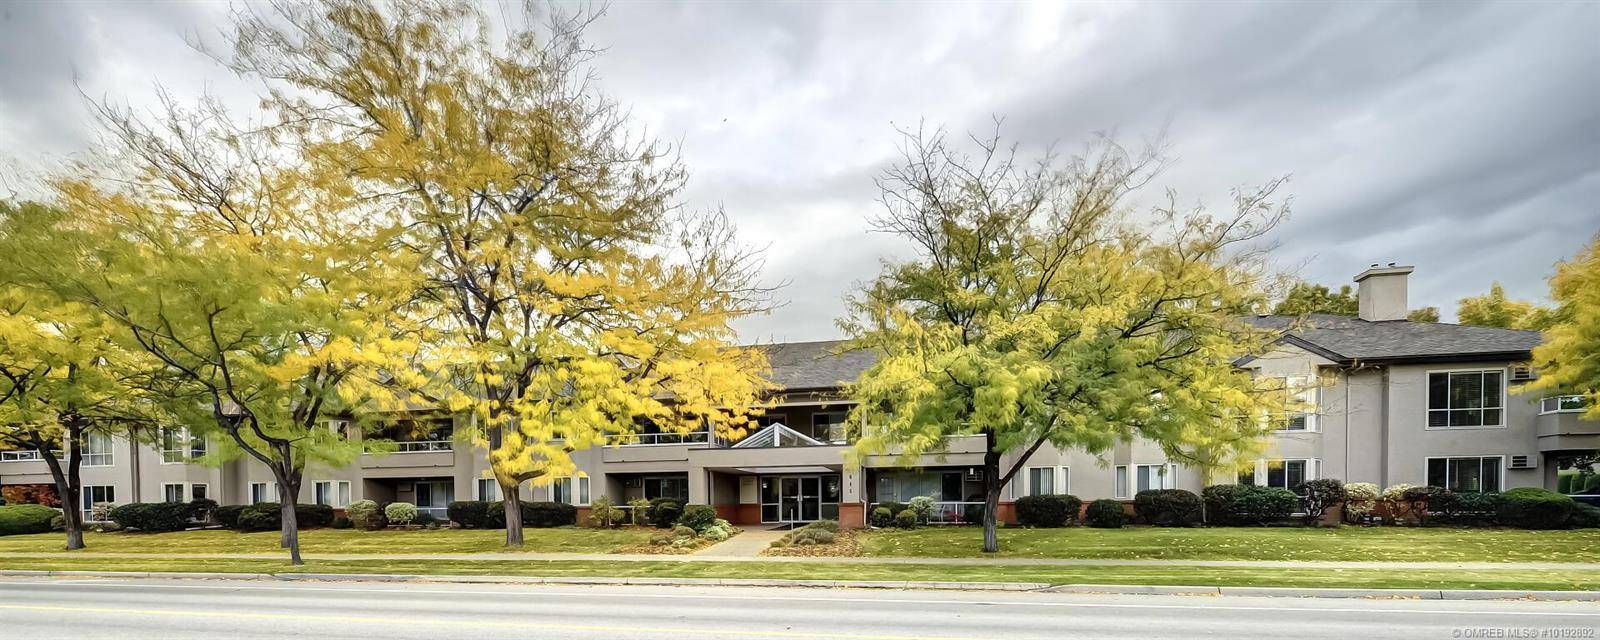 103 - 645 Barrera Road, Kelowna   Image 1